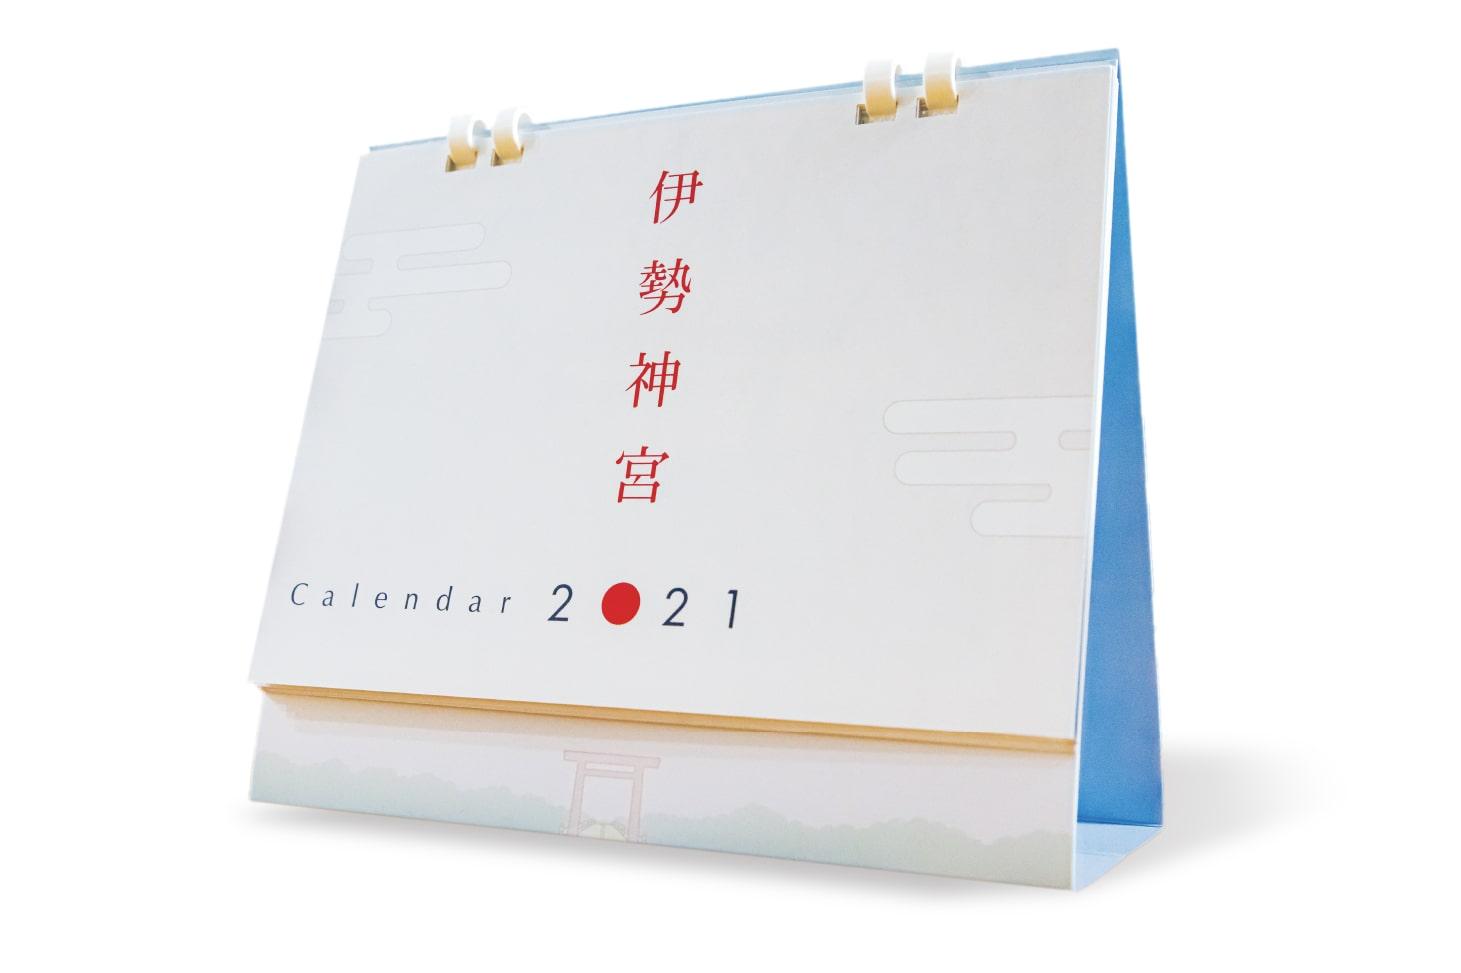 伊勢神宮カレンダー 卓上